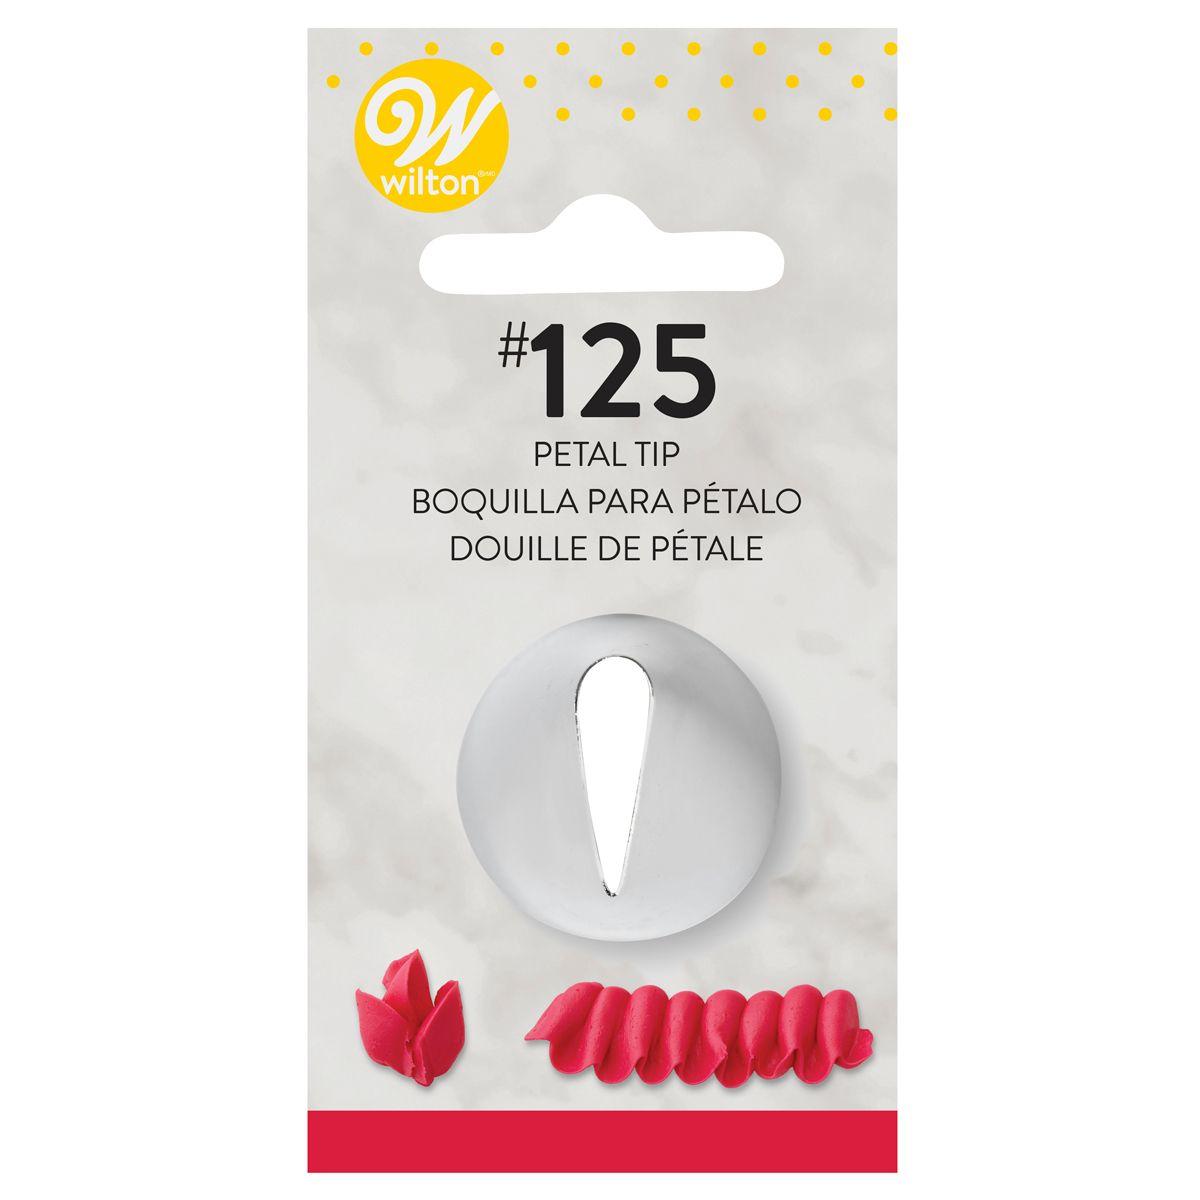 Douille pâtissière - Pétale #125